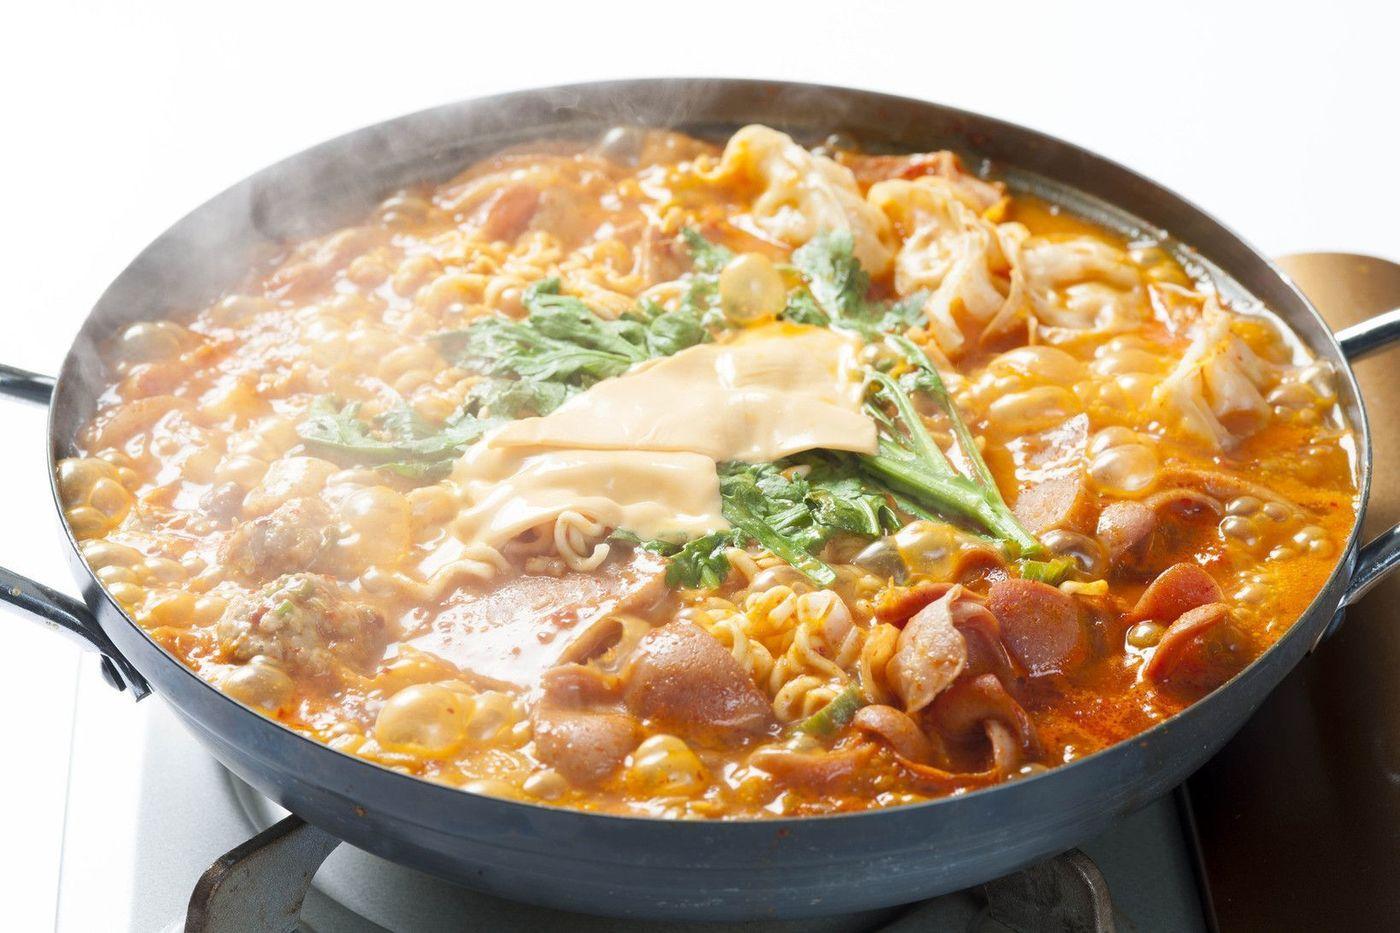 【新大久保】寒い冬は!熱々の韓国鍋を食べてほかほかに温まろう♡の2枚目の画像の画像